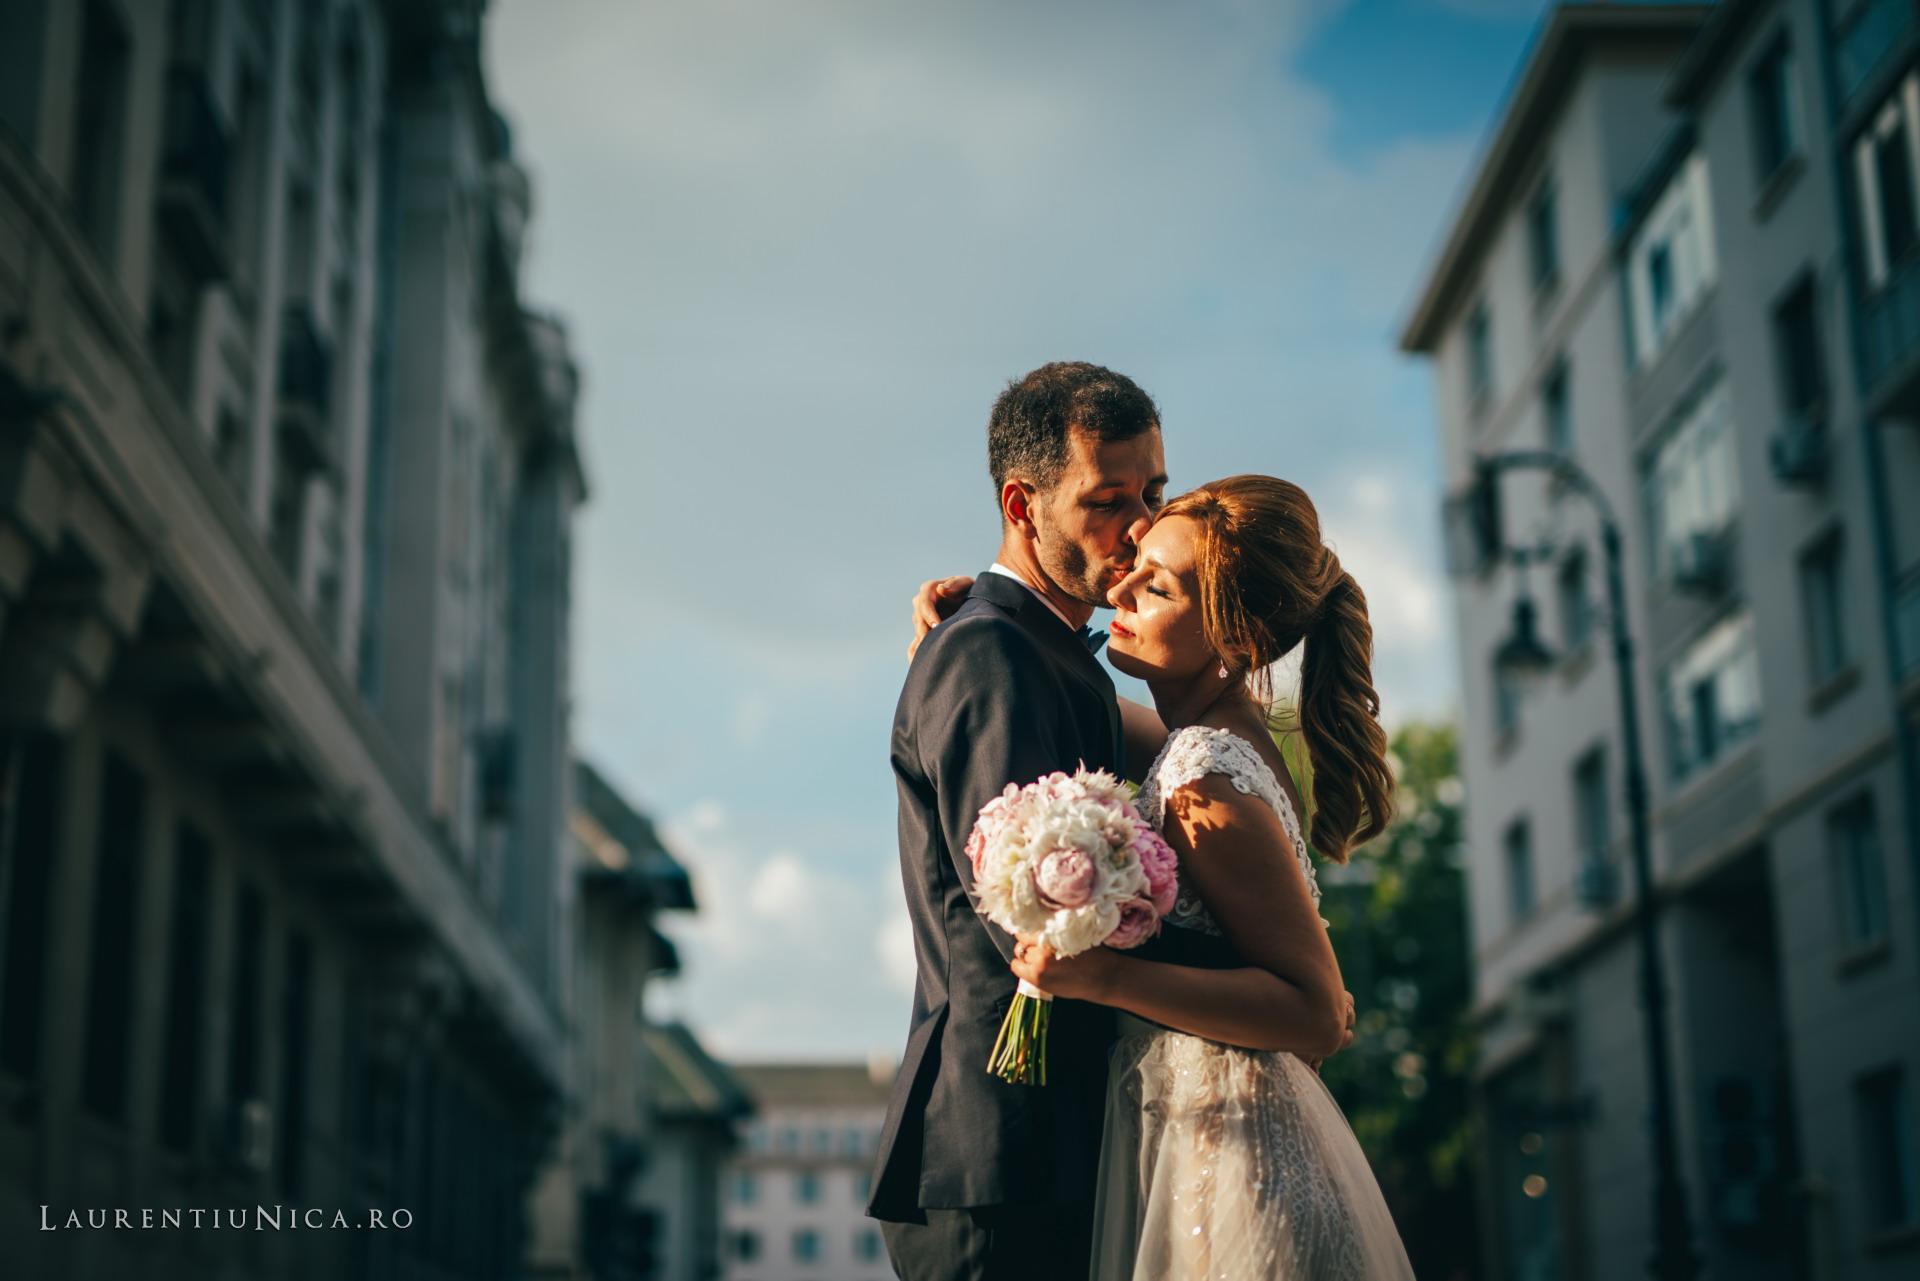 carolina si sorin craiova fotograf nunta laurentiu nica47 - Carolina & Sorin | Fotografii nunta